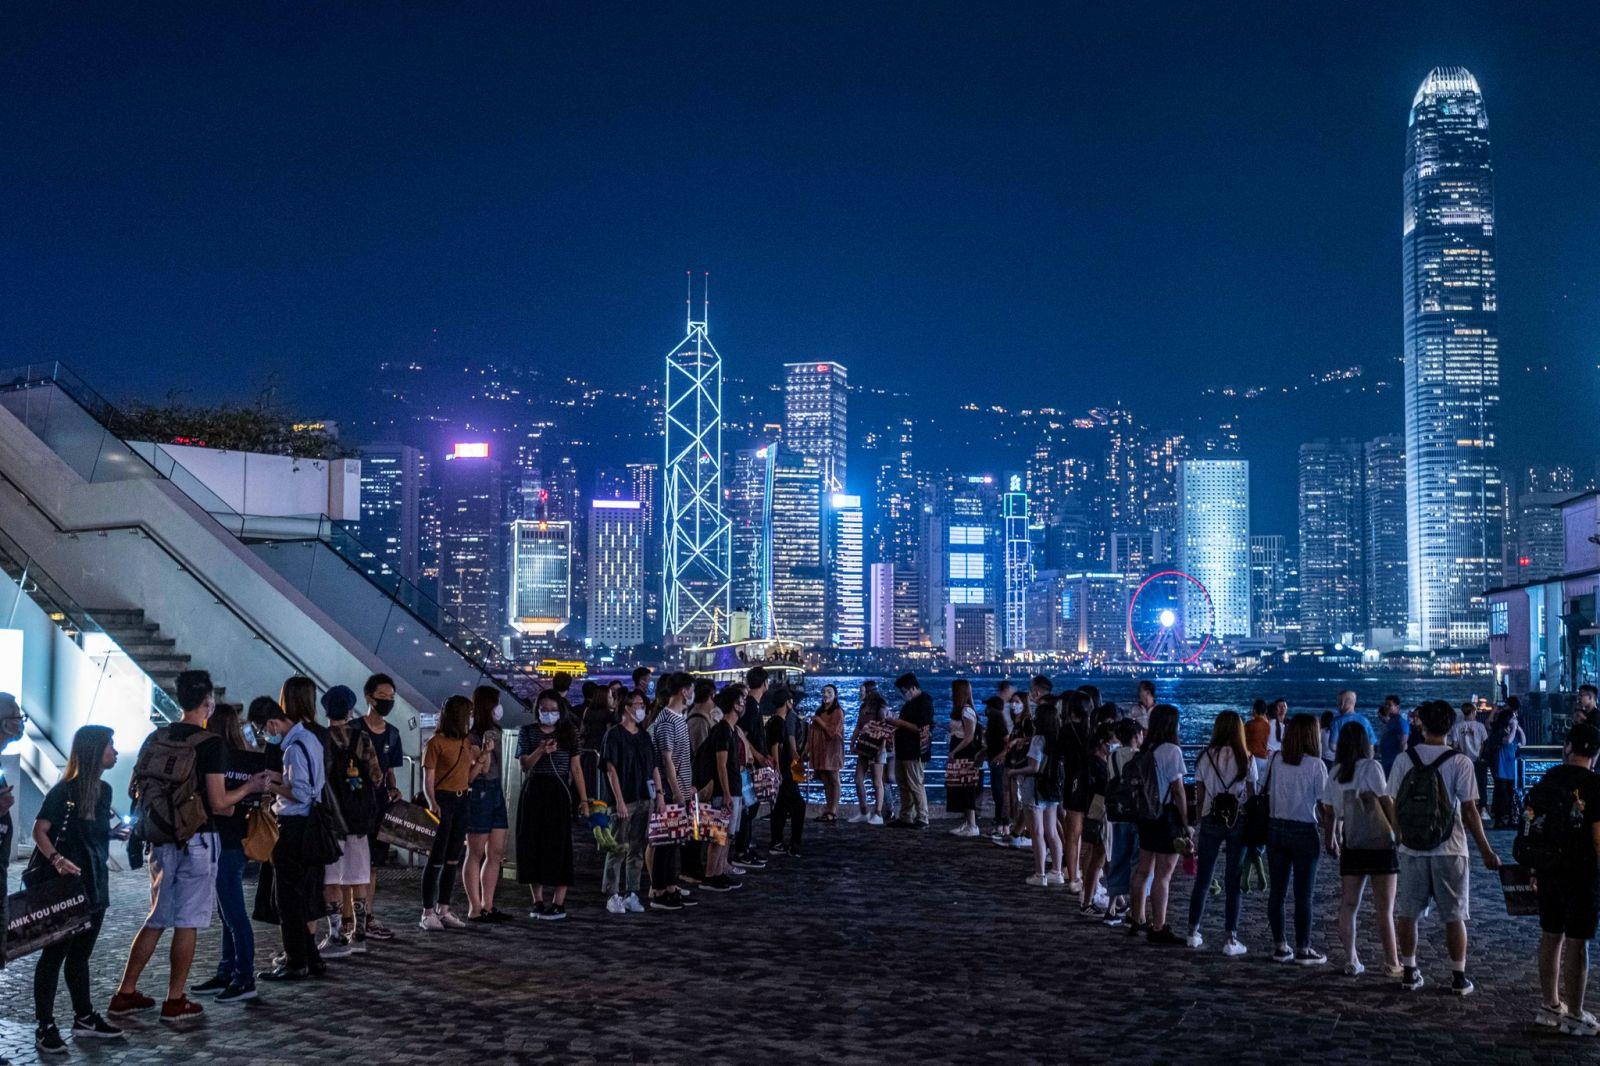 Hình ảnh giới trẻ tại Hồng Kông